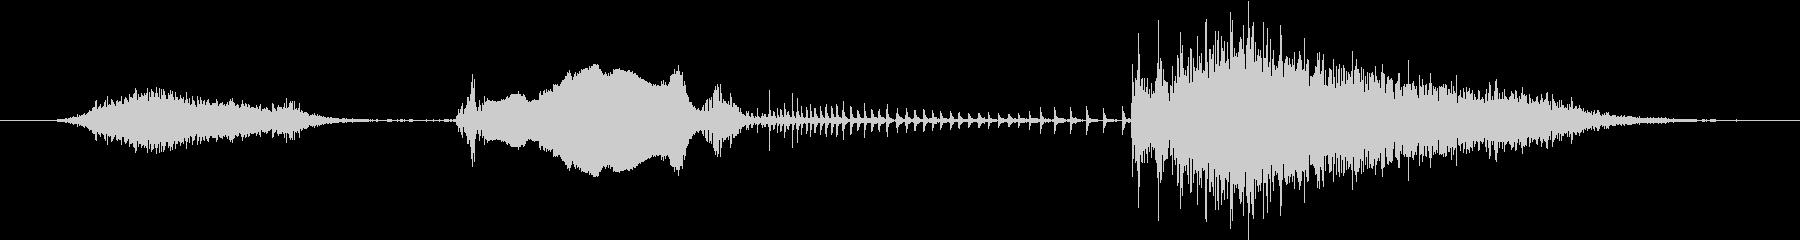 鳴き声 男性ストレッチ04の未再生の波形